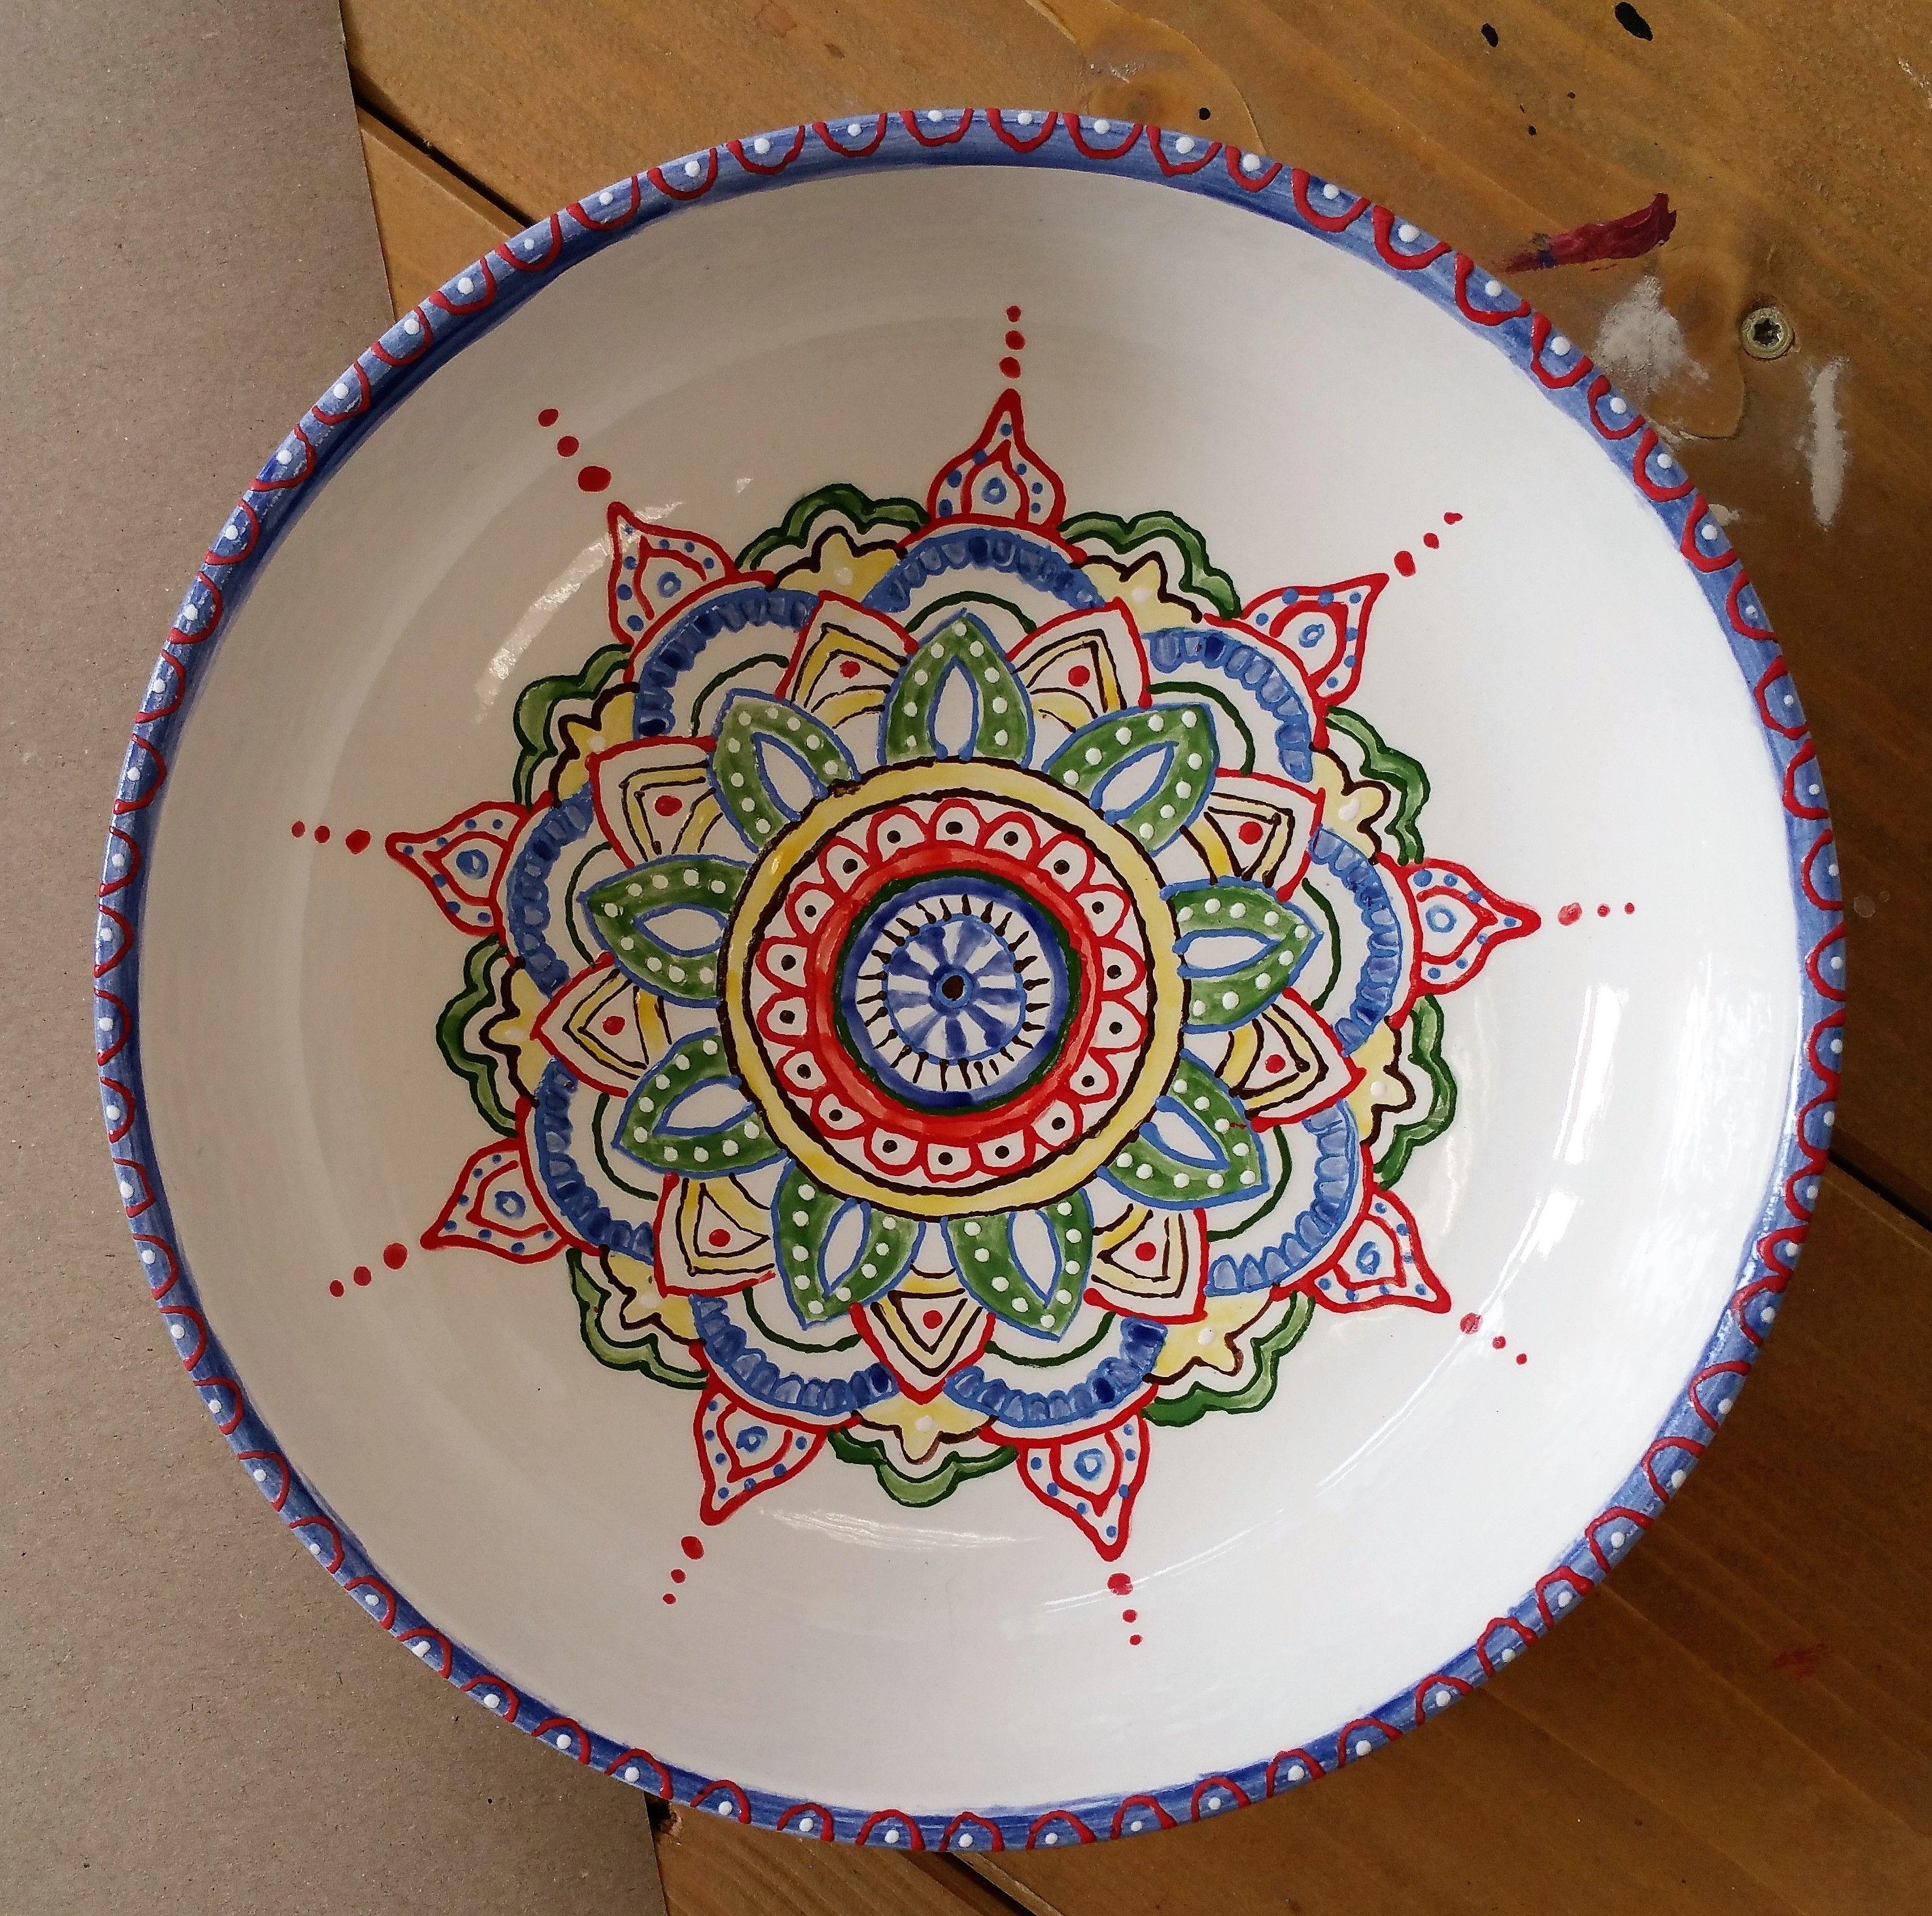 mandala auf keramik  keramik malerei keramik keramik